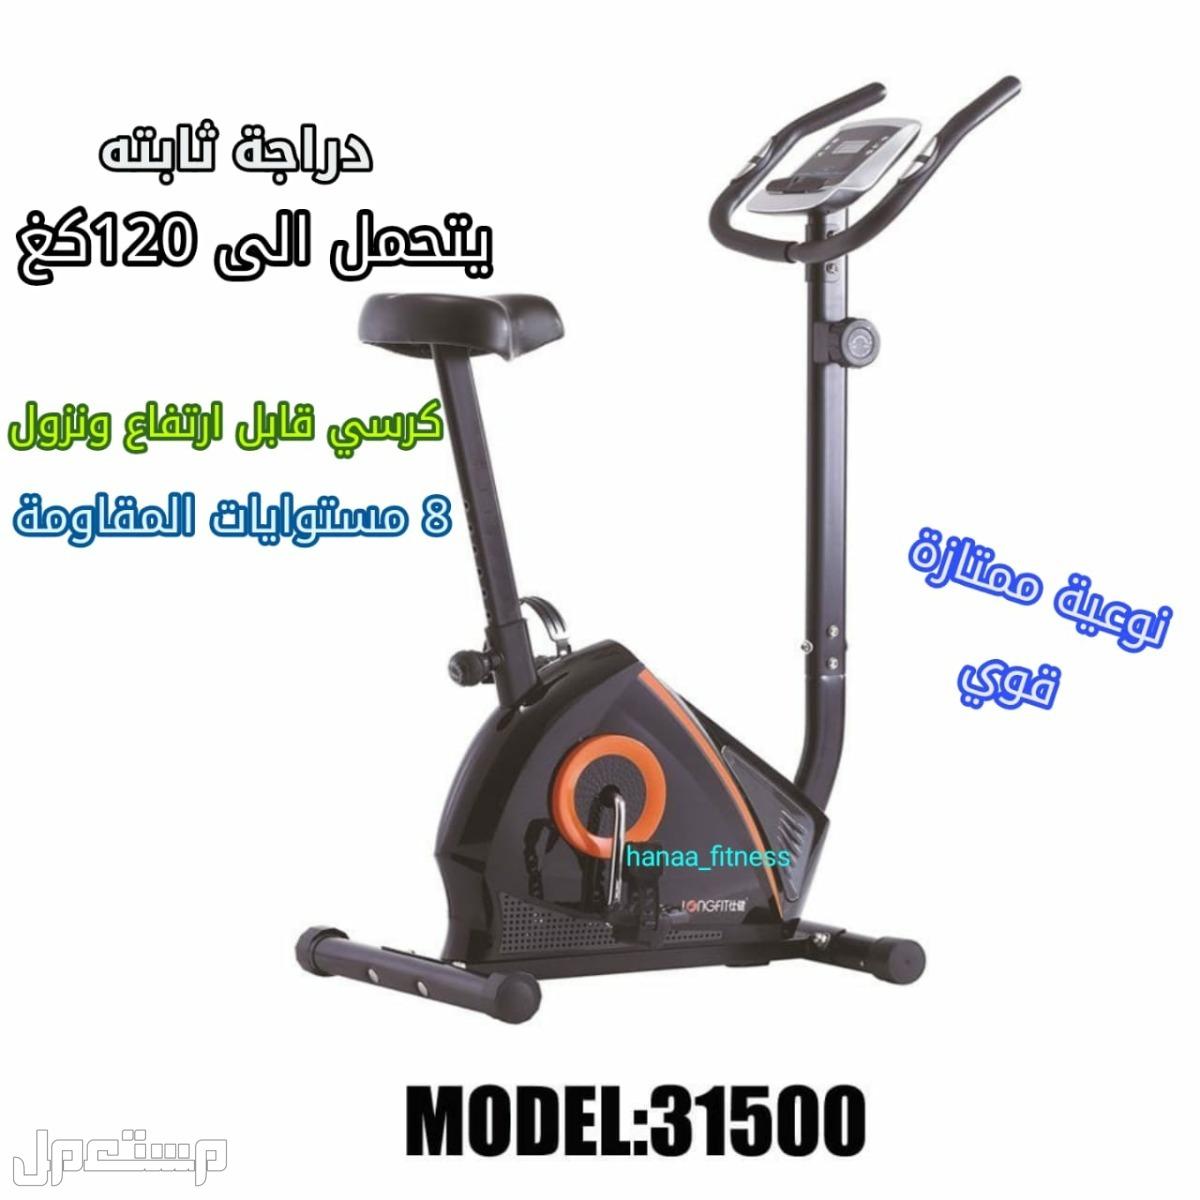 اجهزة رياضية جديدة دراجة ثابته هوائية- اب كوستر - دراجة 699